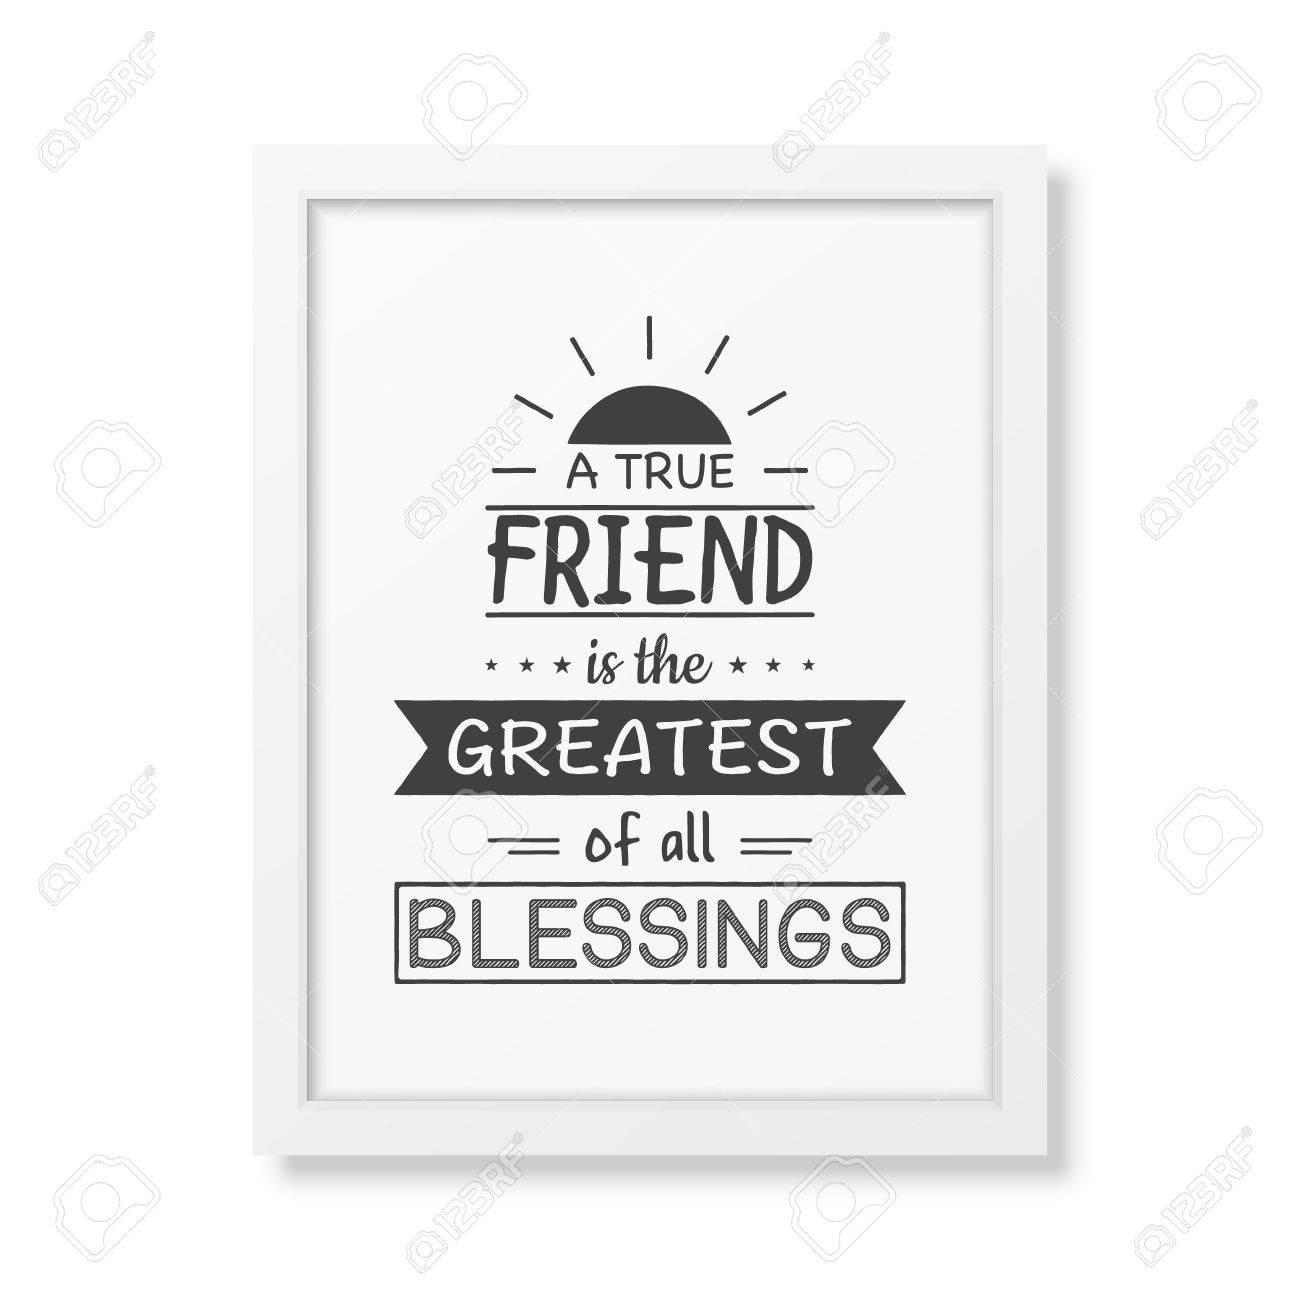 Un Verdadero Amigo Es El Más Grande De Todas Las Bendiciones ...